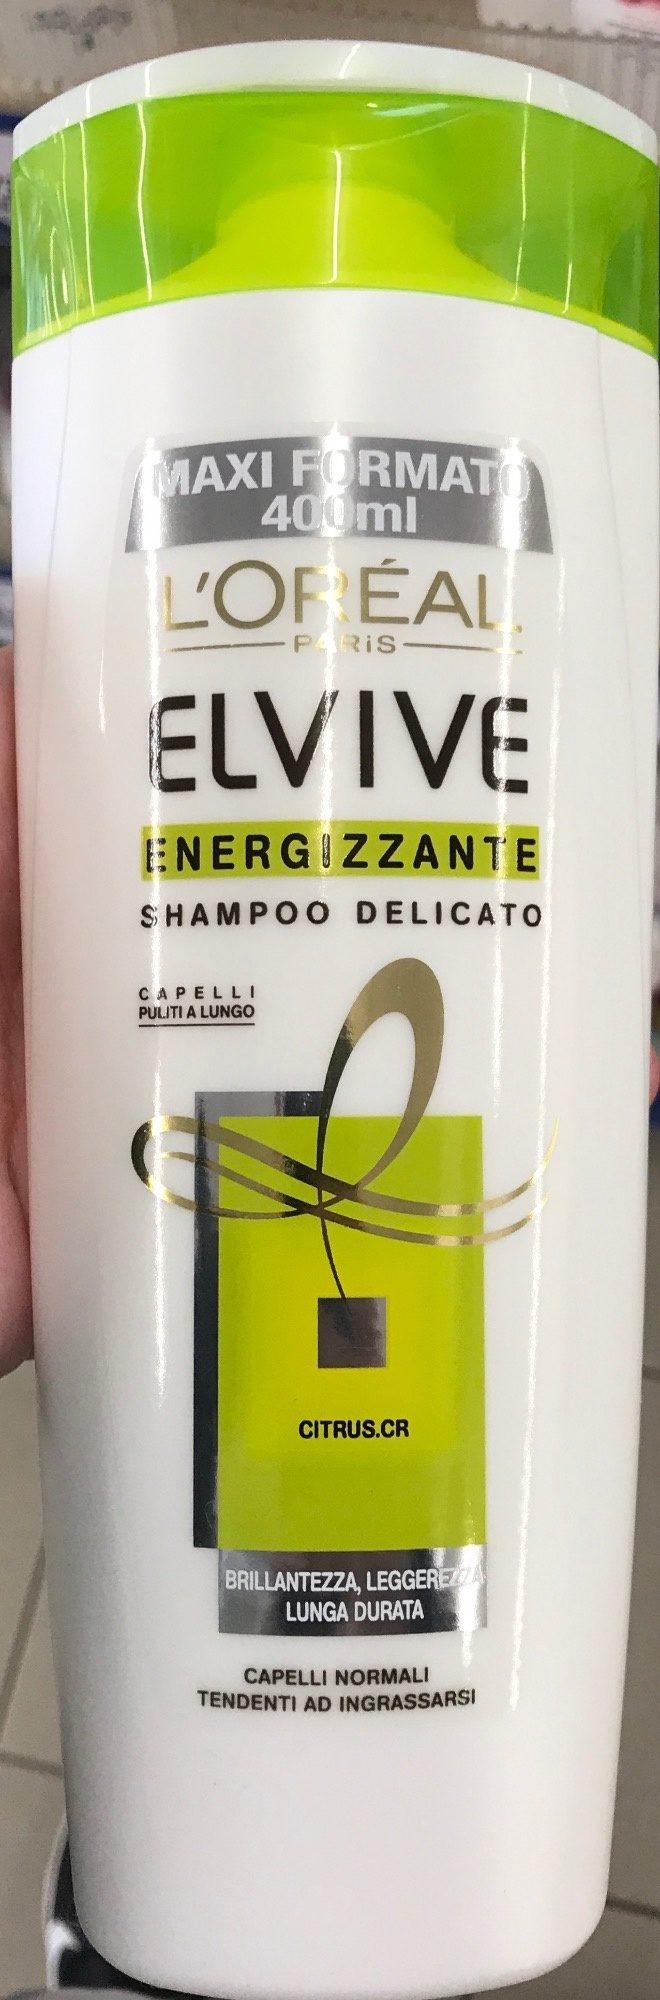 Elvive Energizzante Shampoo Delicato Citrus.Cr - Produit - it